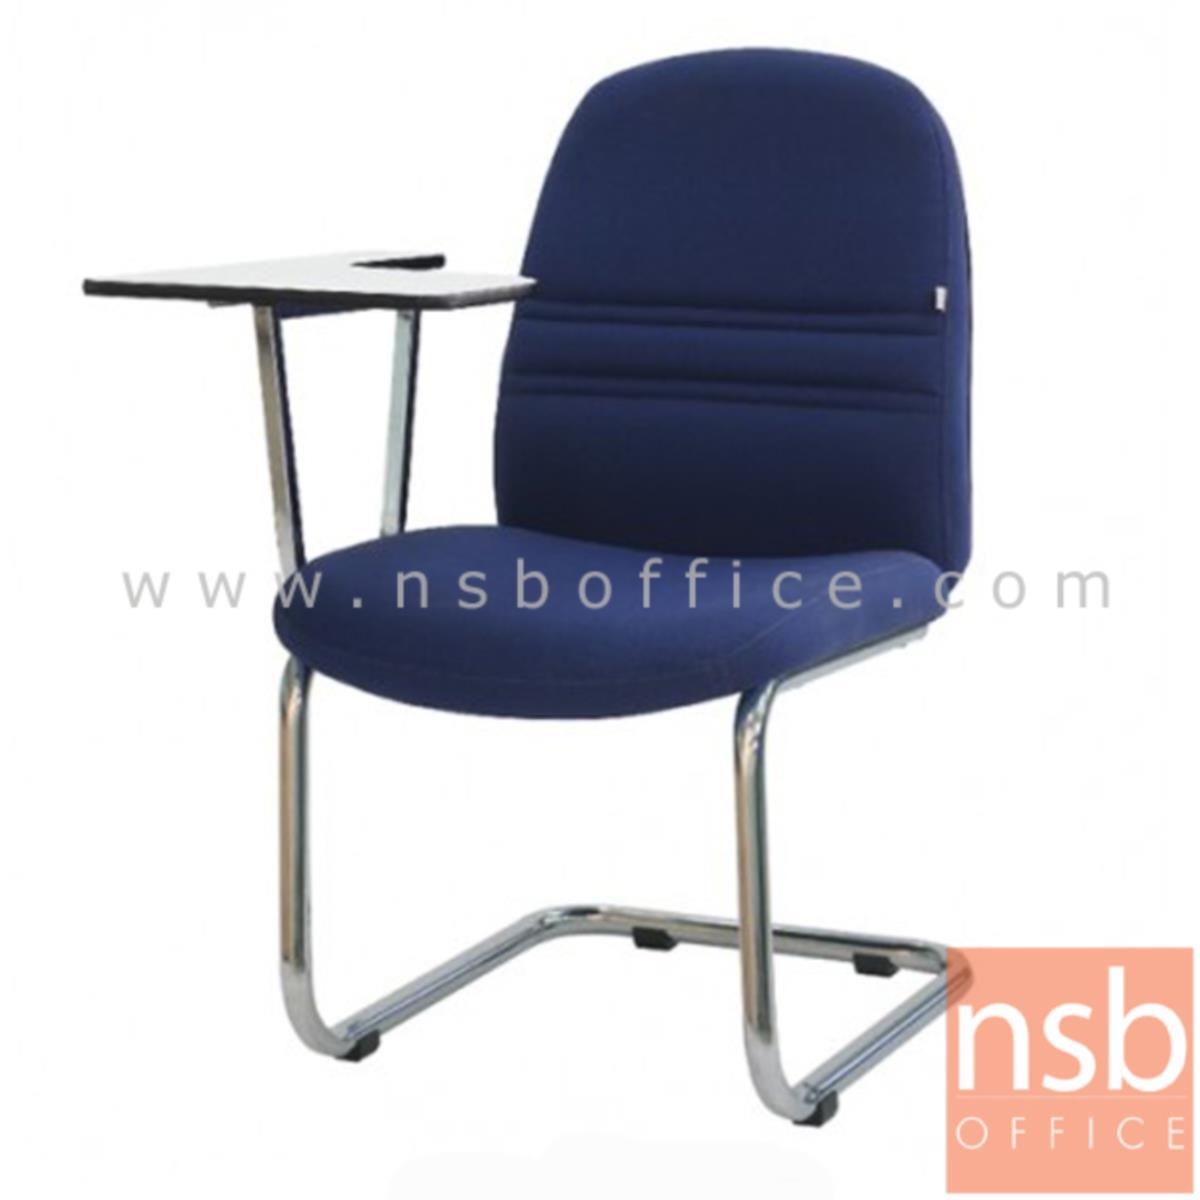 B07A031:เก้าอี้เลคเชอร์หุ้มหนังเทียม (PVC)หรือหุ้มผ้า รุ่น TY-AC232LE ขาตัวซีเหล็กชุบโครเมี่ยม